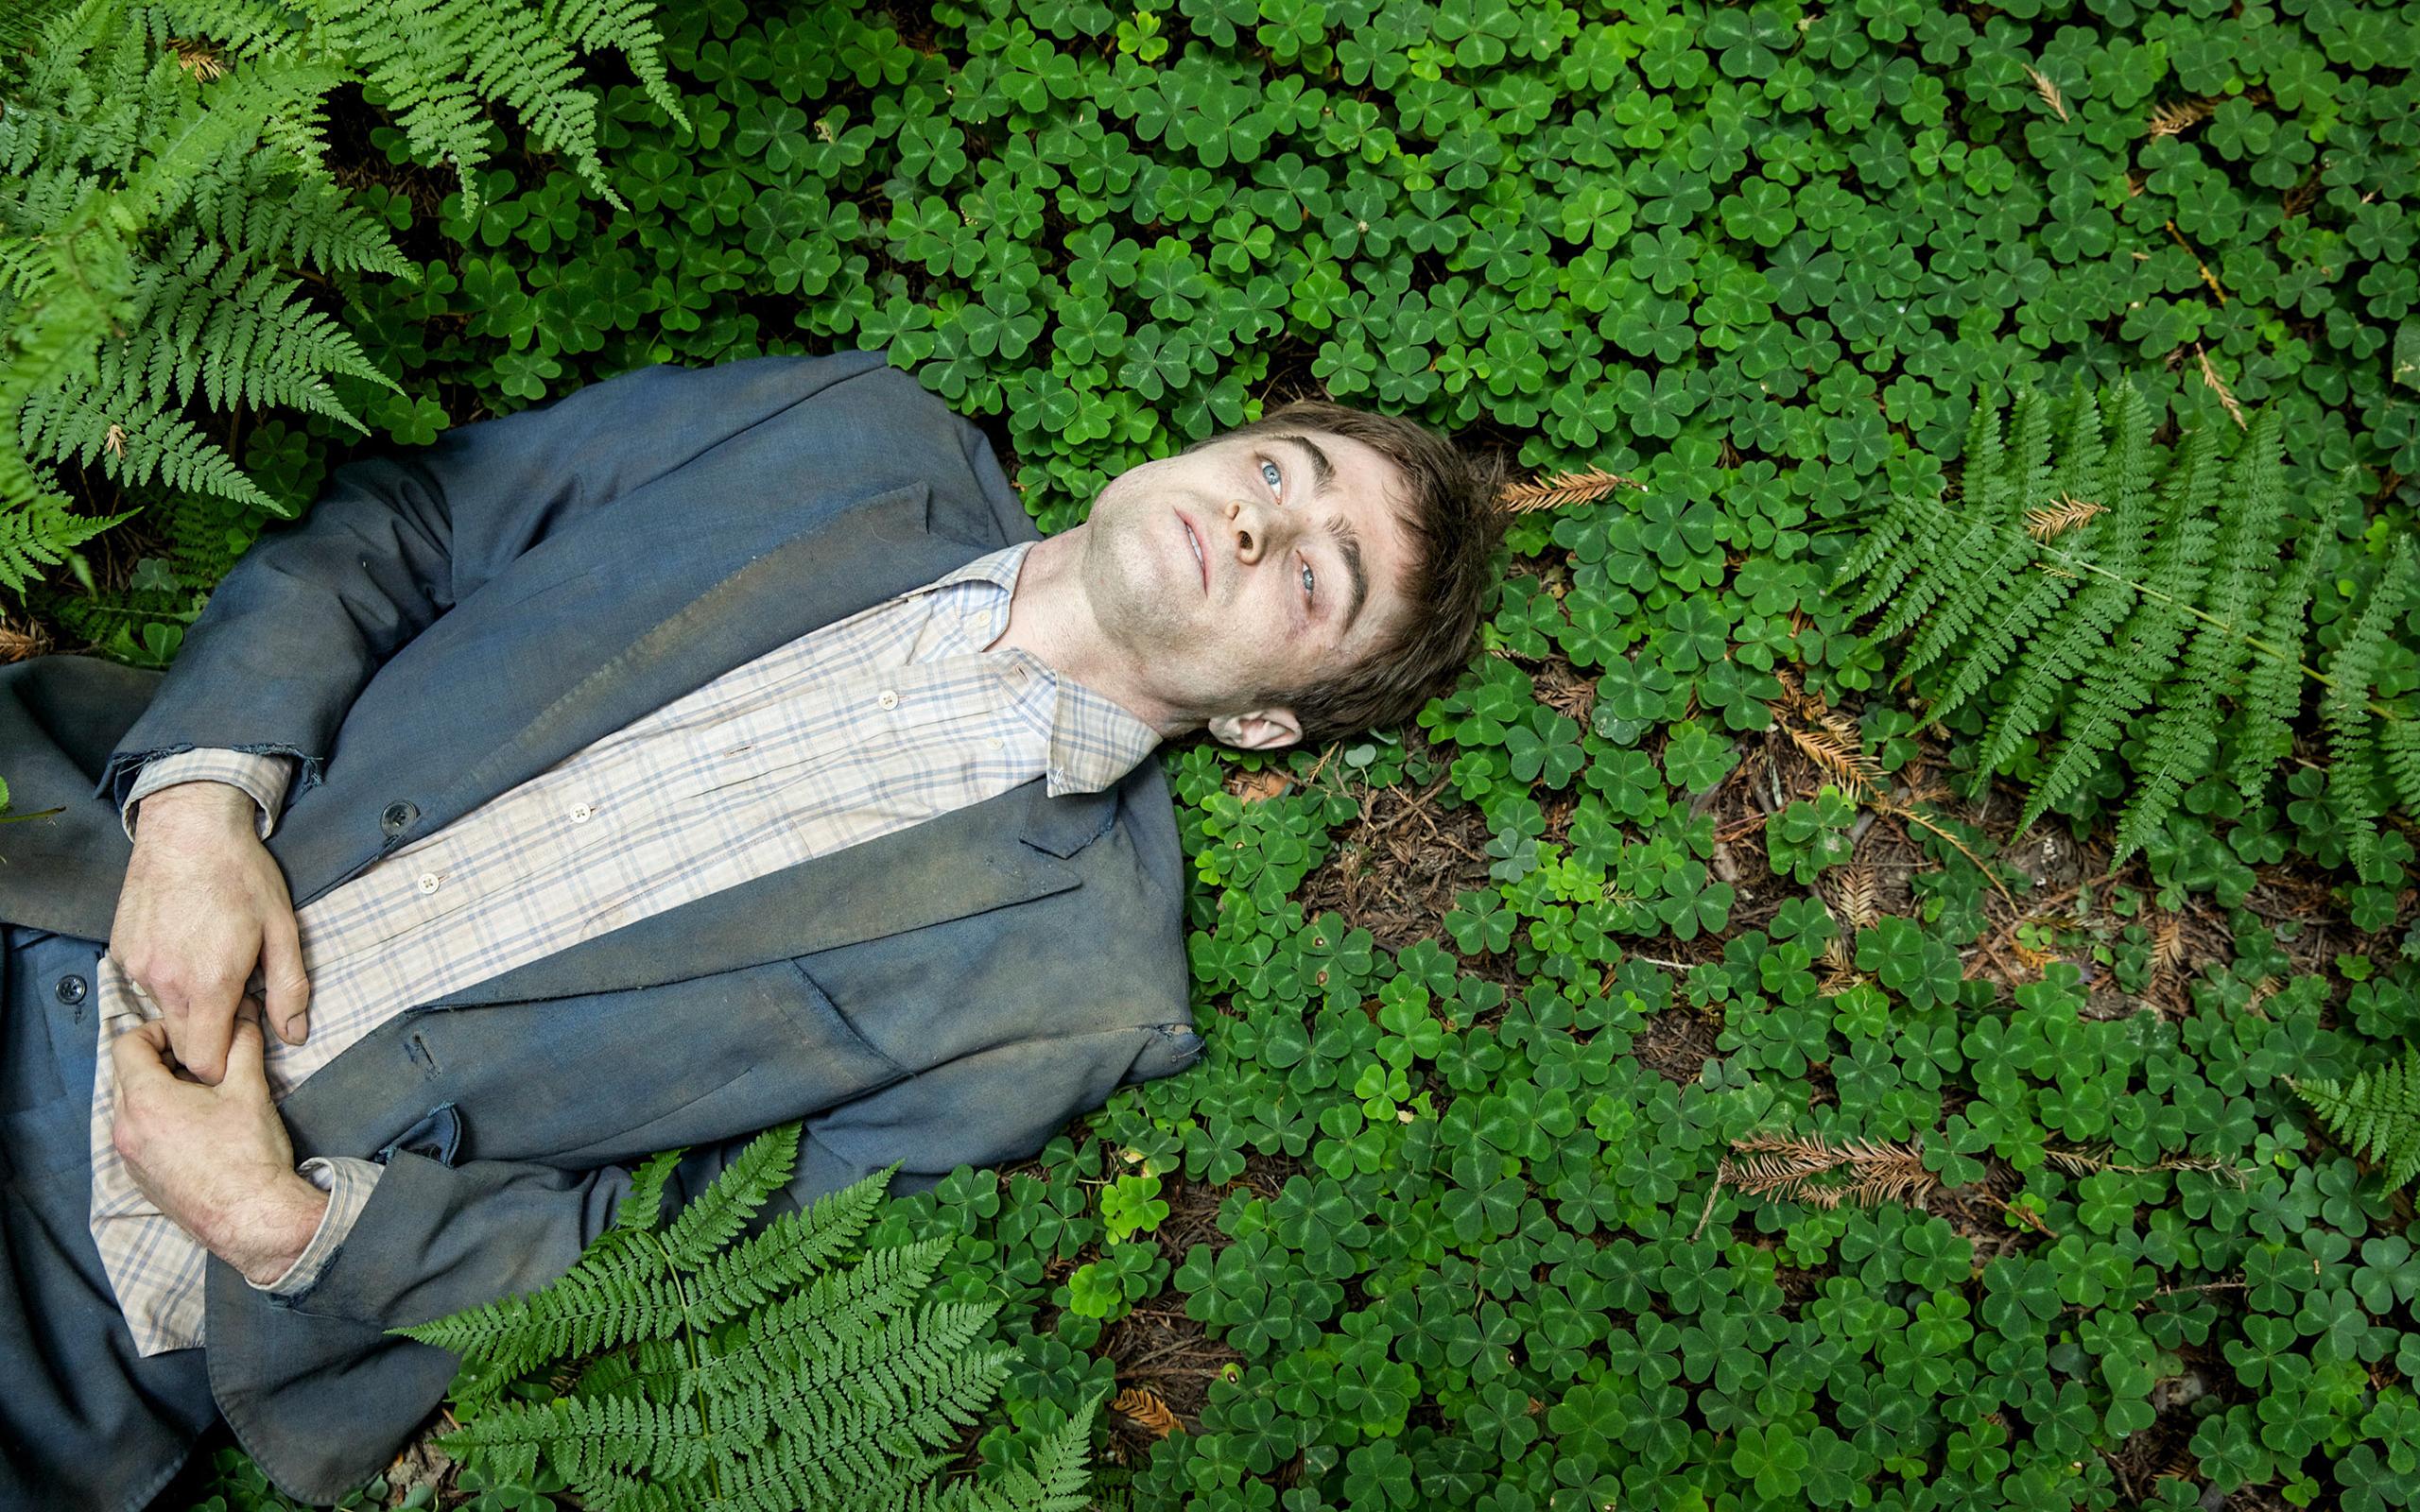 Лучшие комедии на выходные: ТОП-5 идей от Кости Трембовецкого